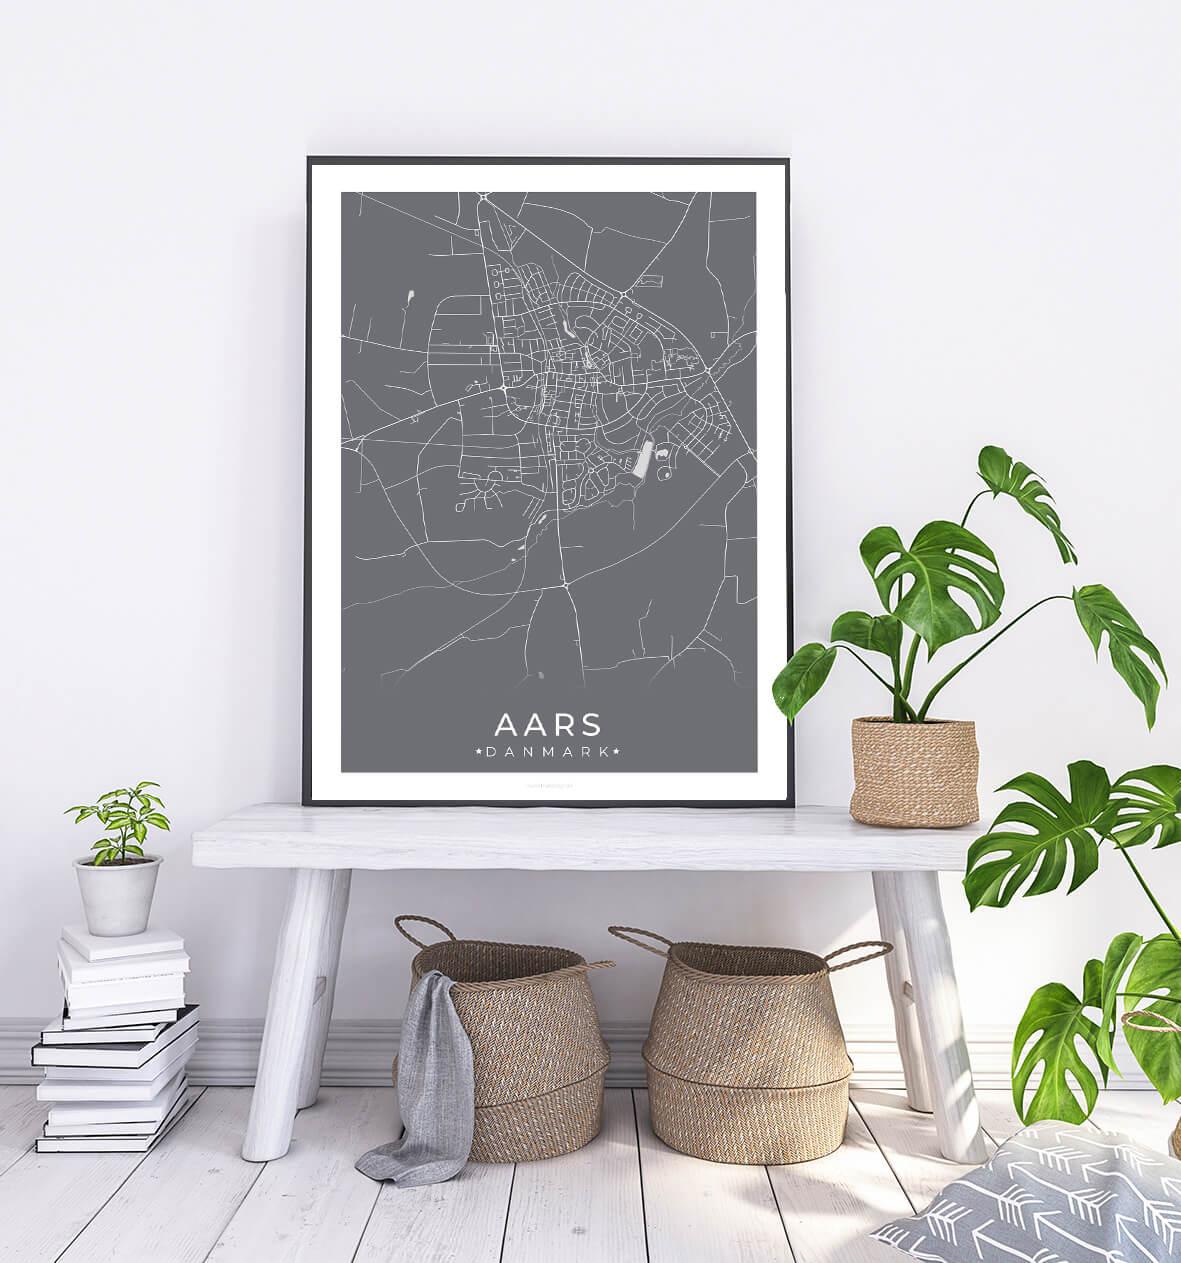 Aars-graa-byplakat-2